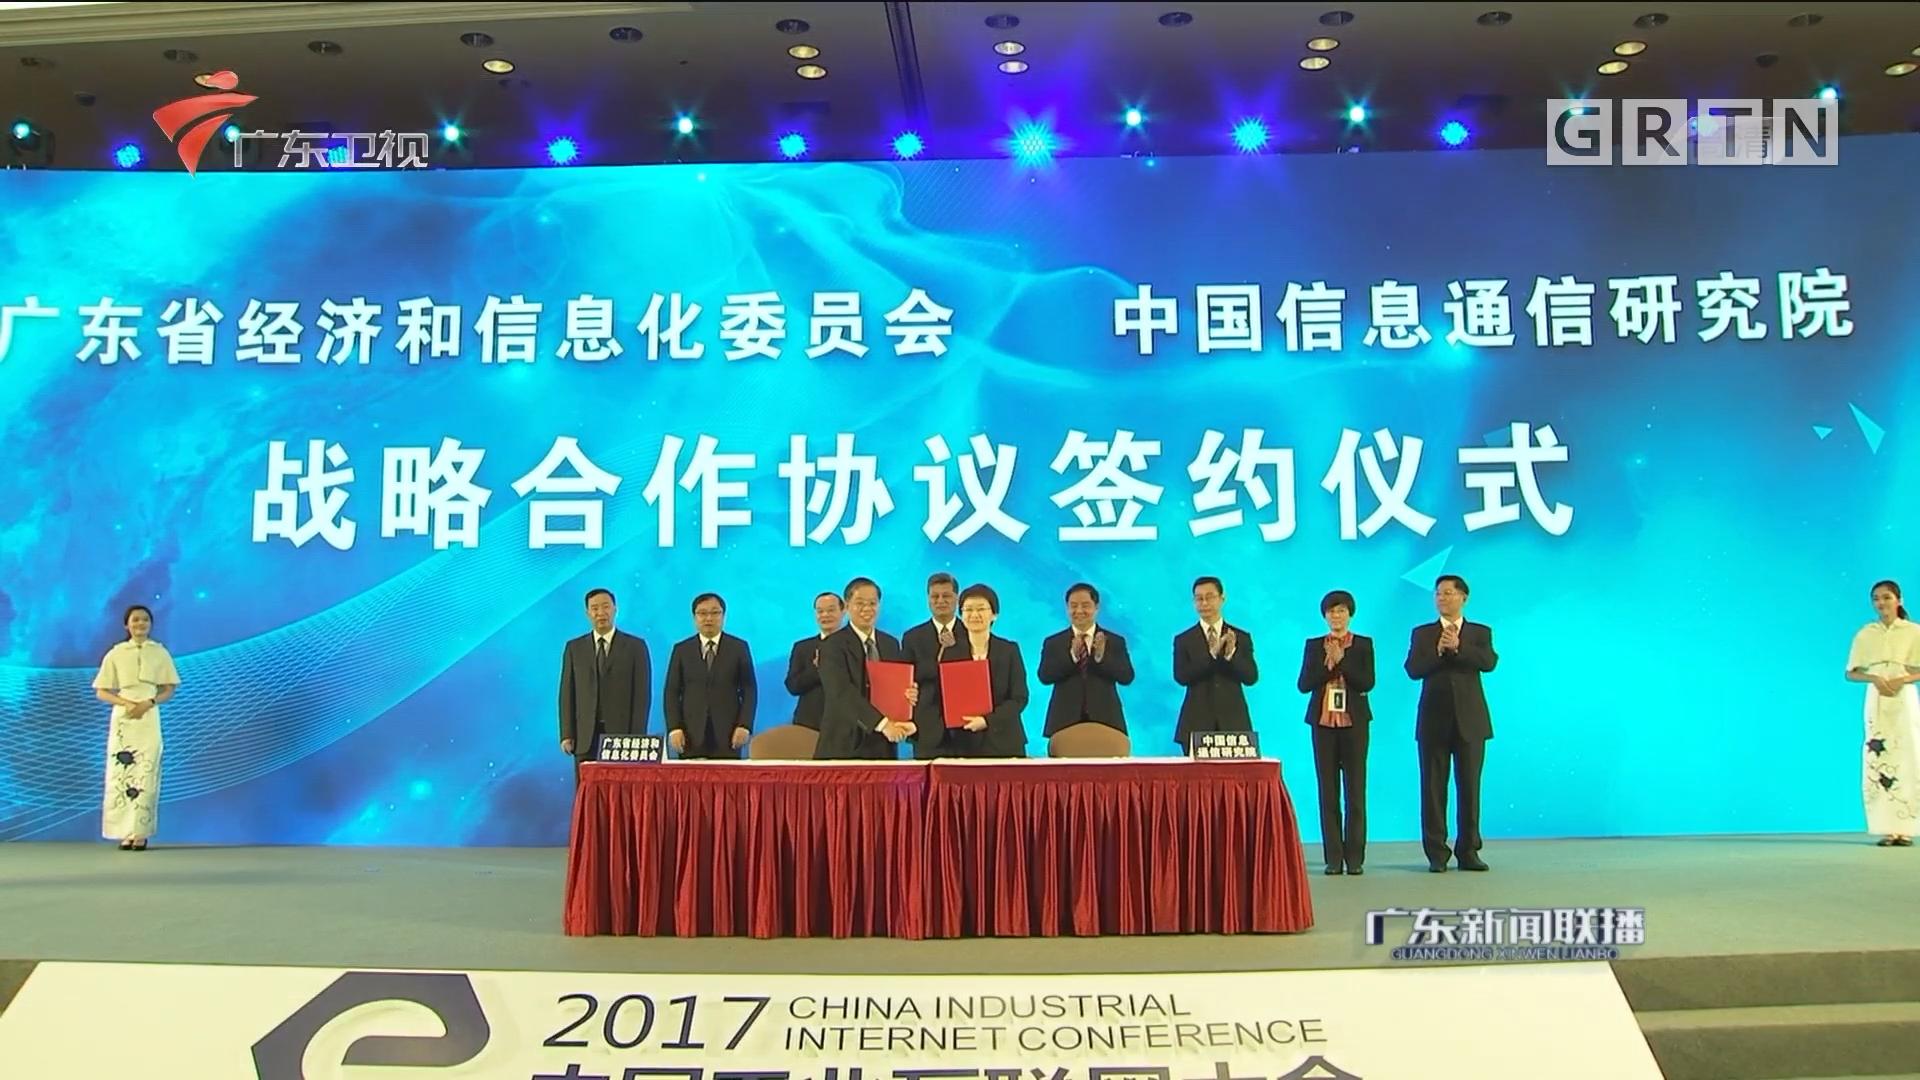 加快发展工业互联网 建设现代化经济体系 中国工业互联网大会在广州开幕